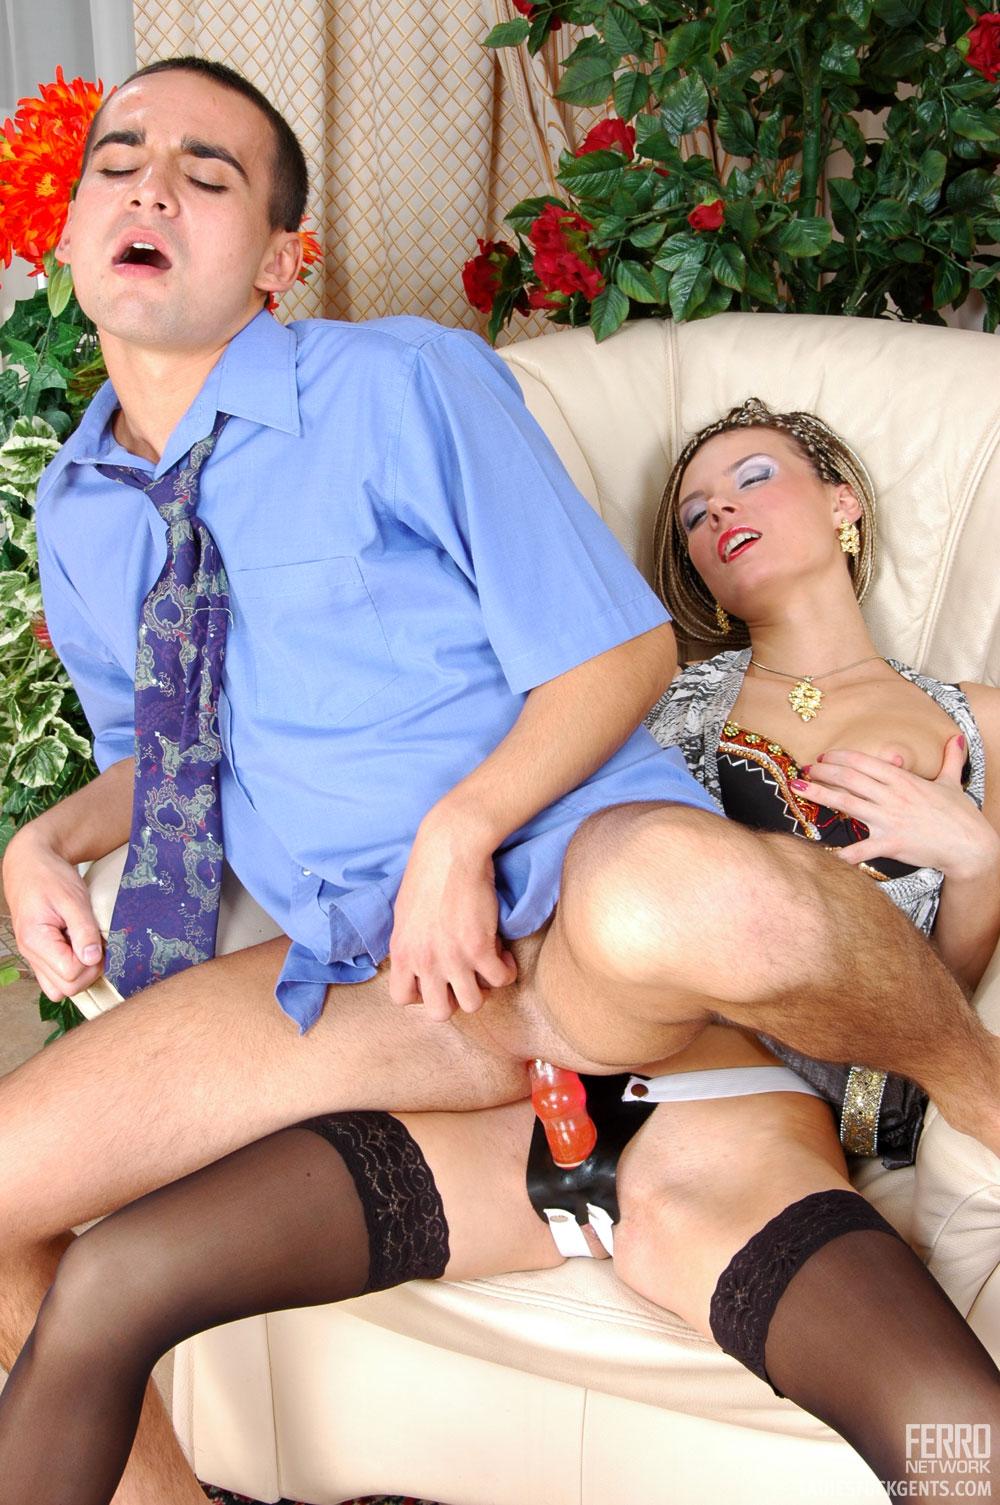 ПОРНО ВИДЕО С БРЮНЕТКАМИ: секс клипы и трах девушек с ...